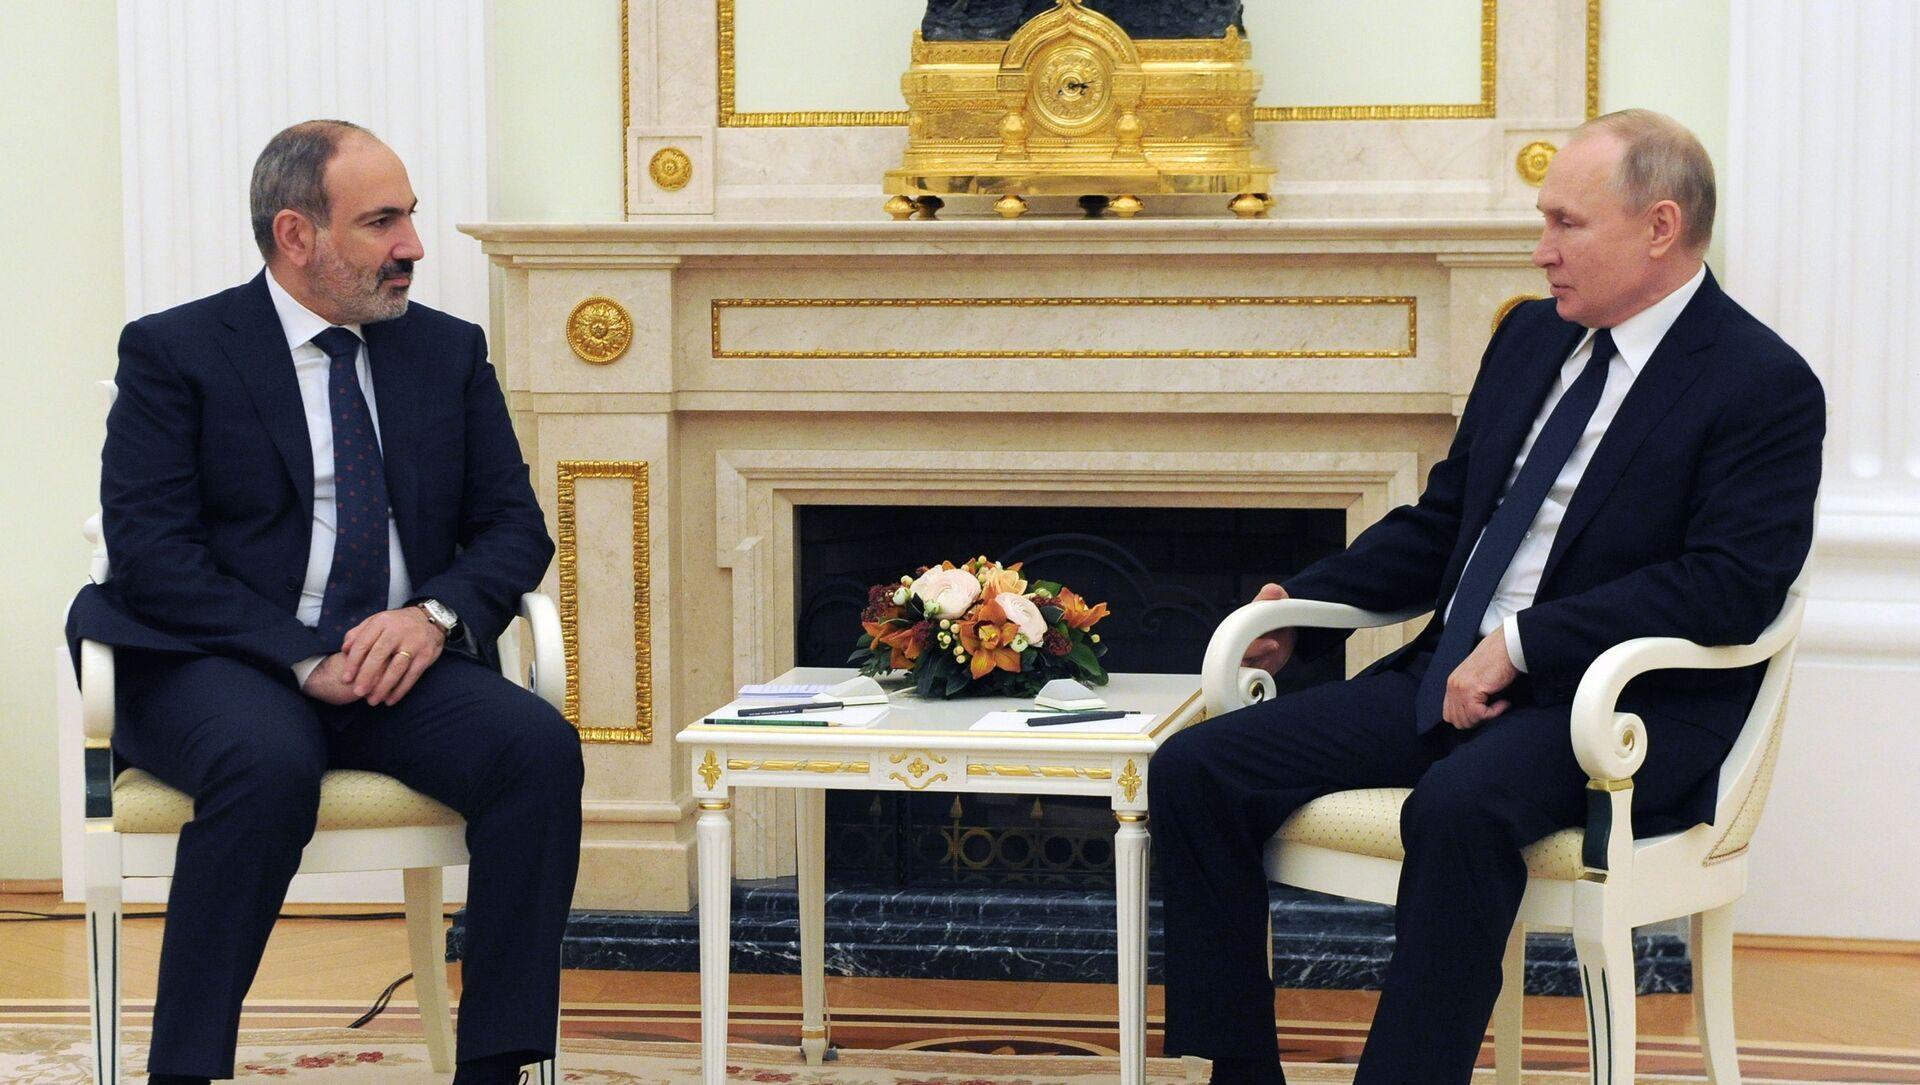 Президент РФ Владимир Путин и премьер-министр Армении Никол Пашинян (слева) во время встречи, 7 апреля 2021.  - Sputnik Azərbaycan, 1920, 08.07.2021